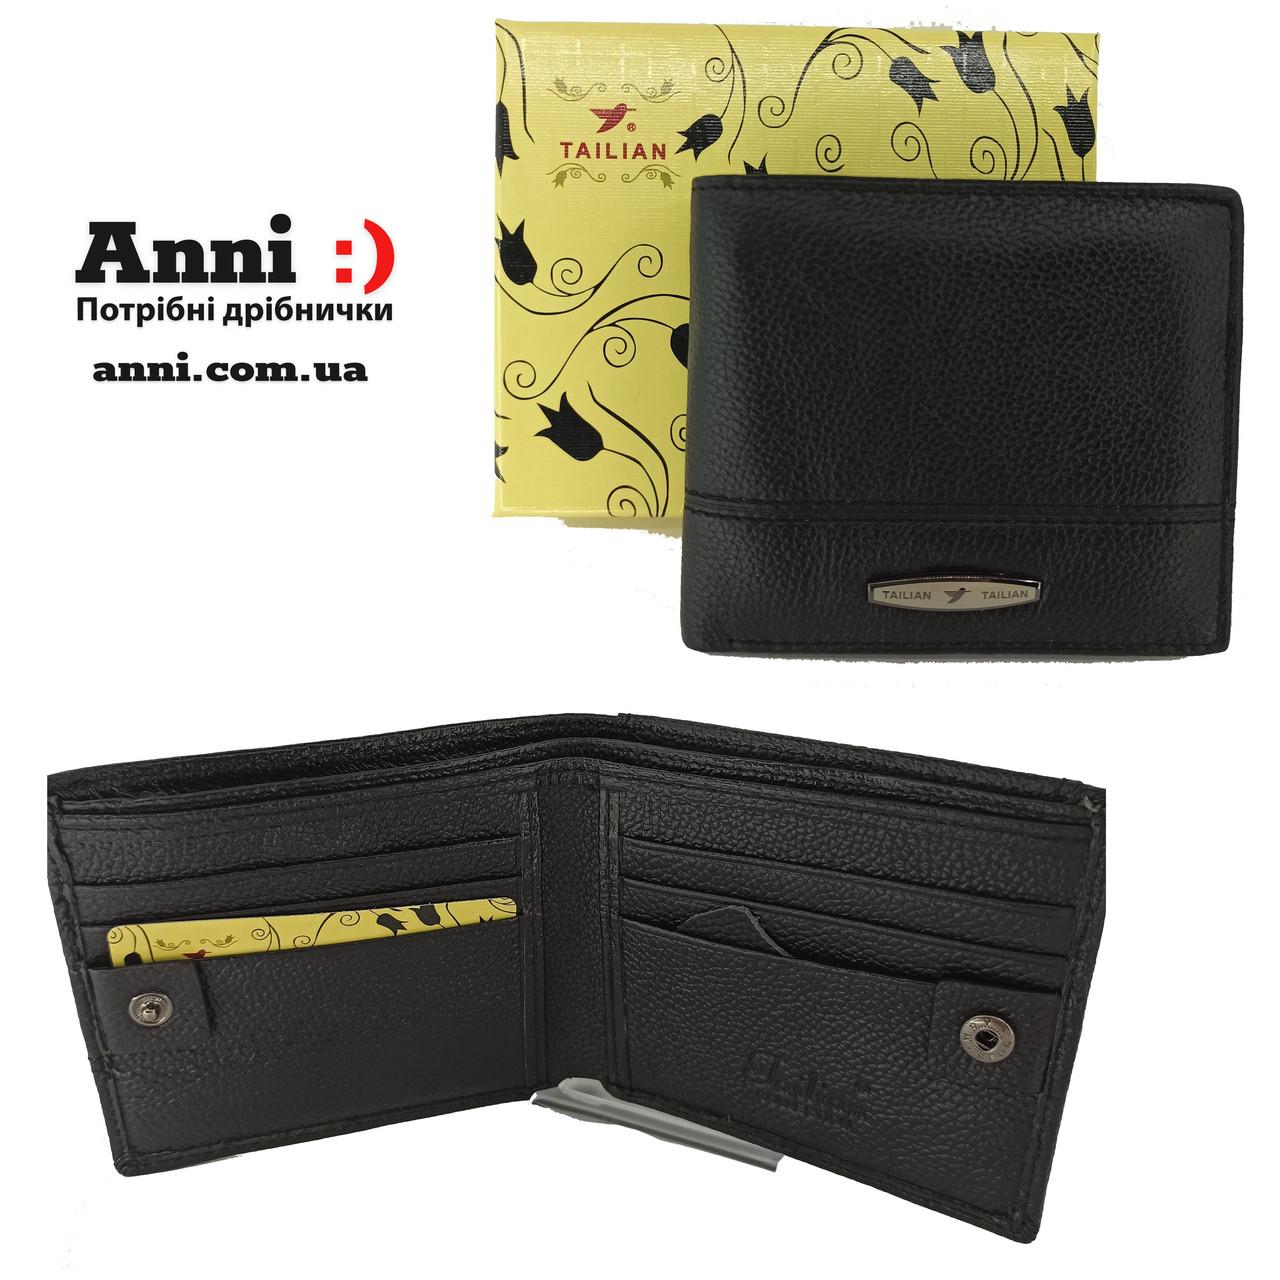 Кожаный мужской кошелек портмоне двойного сложения Tailian T116